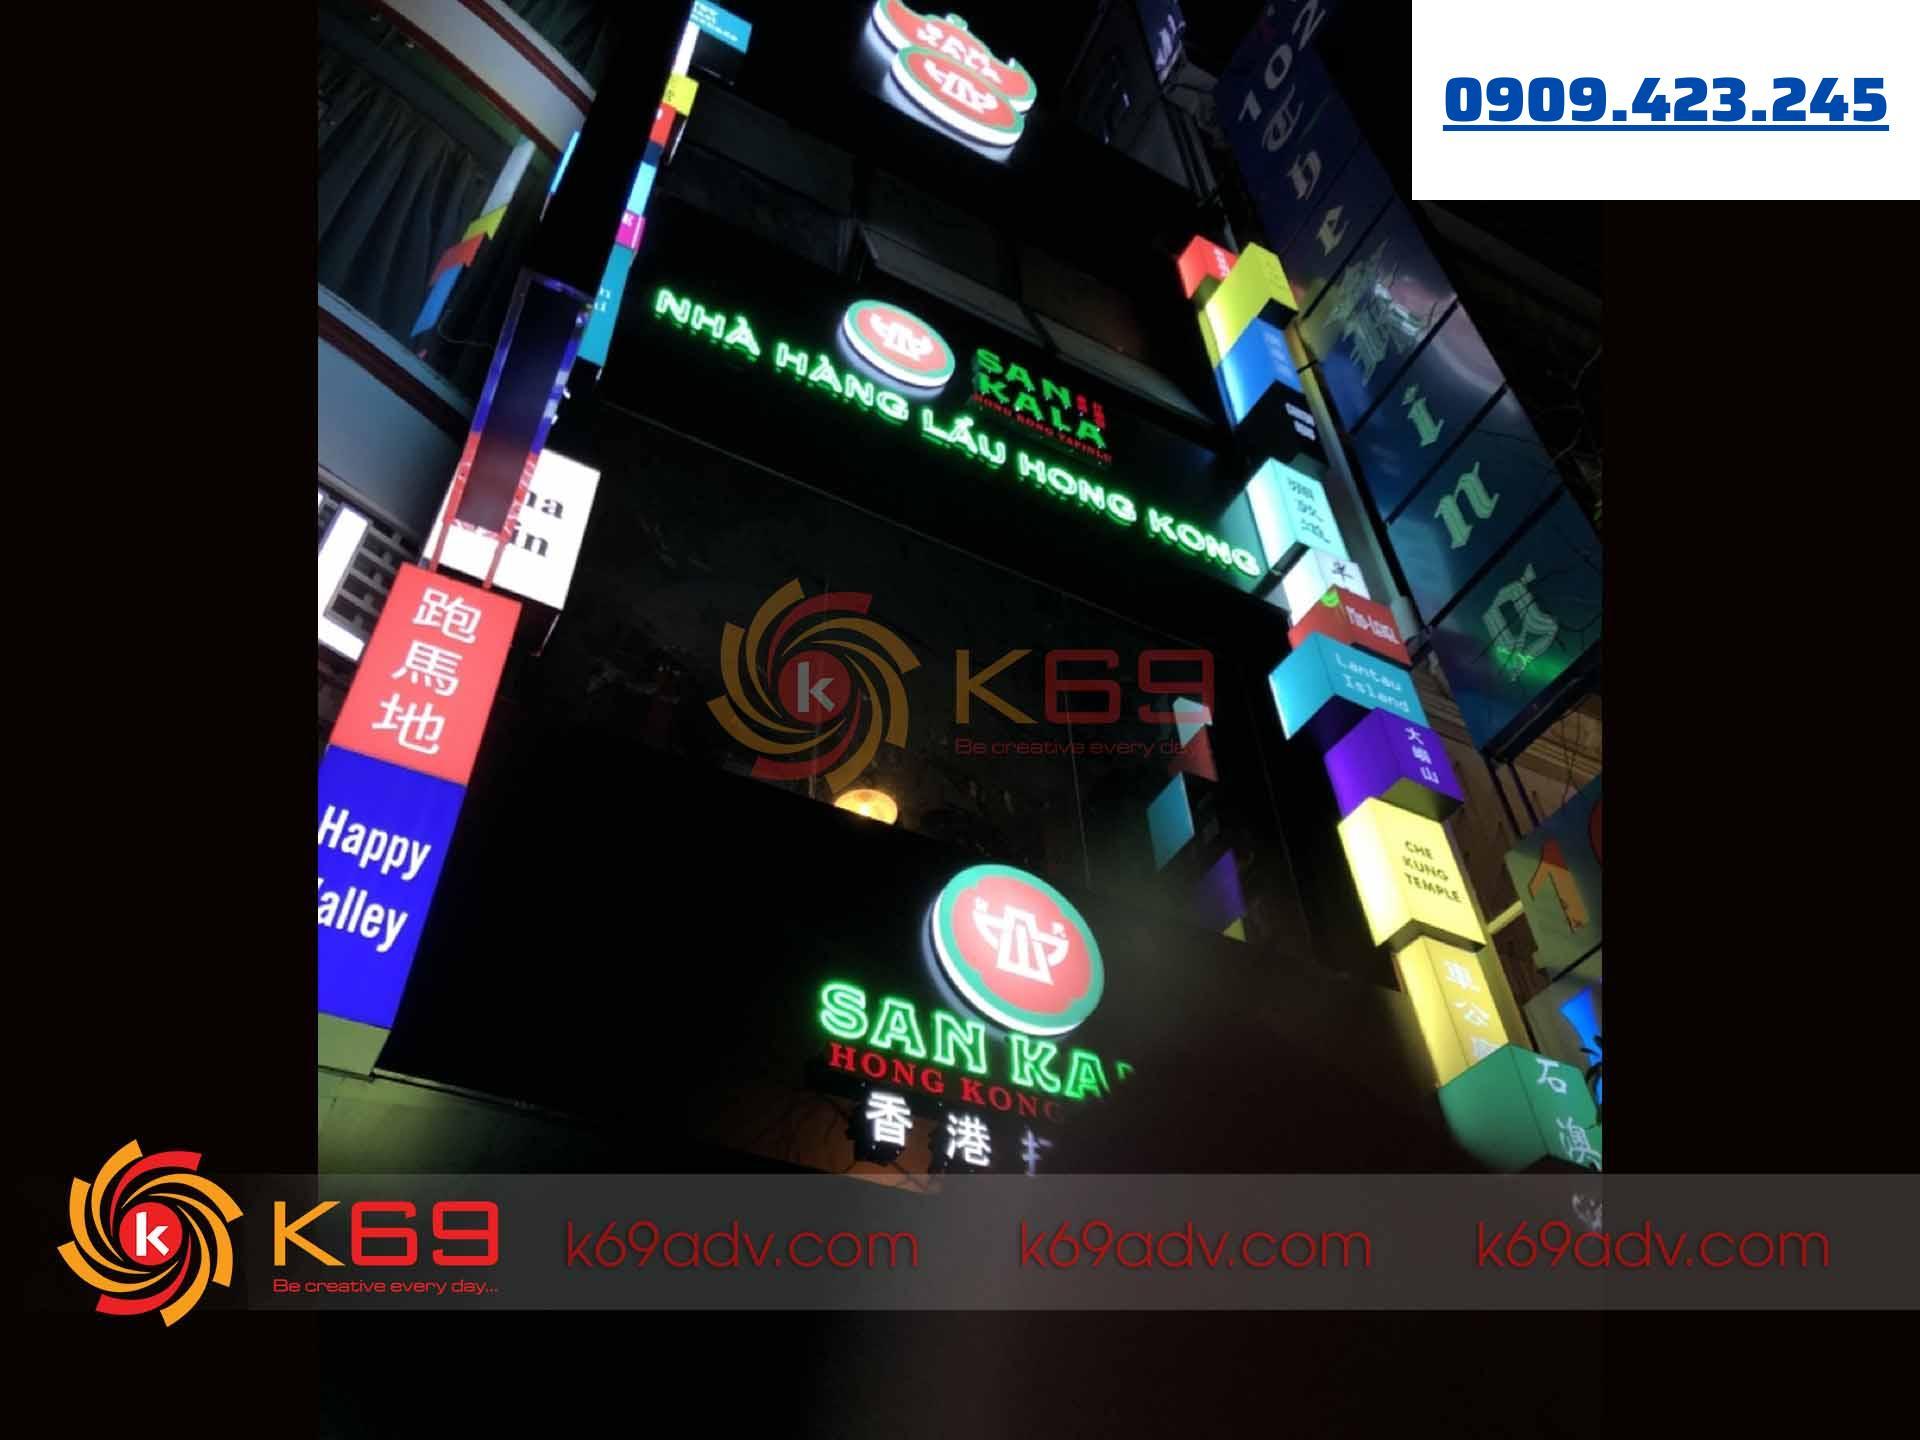 Làm bảng hiệu quảng cáo nhà hàng Sankala tại k69adv